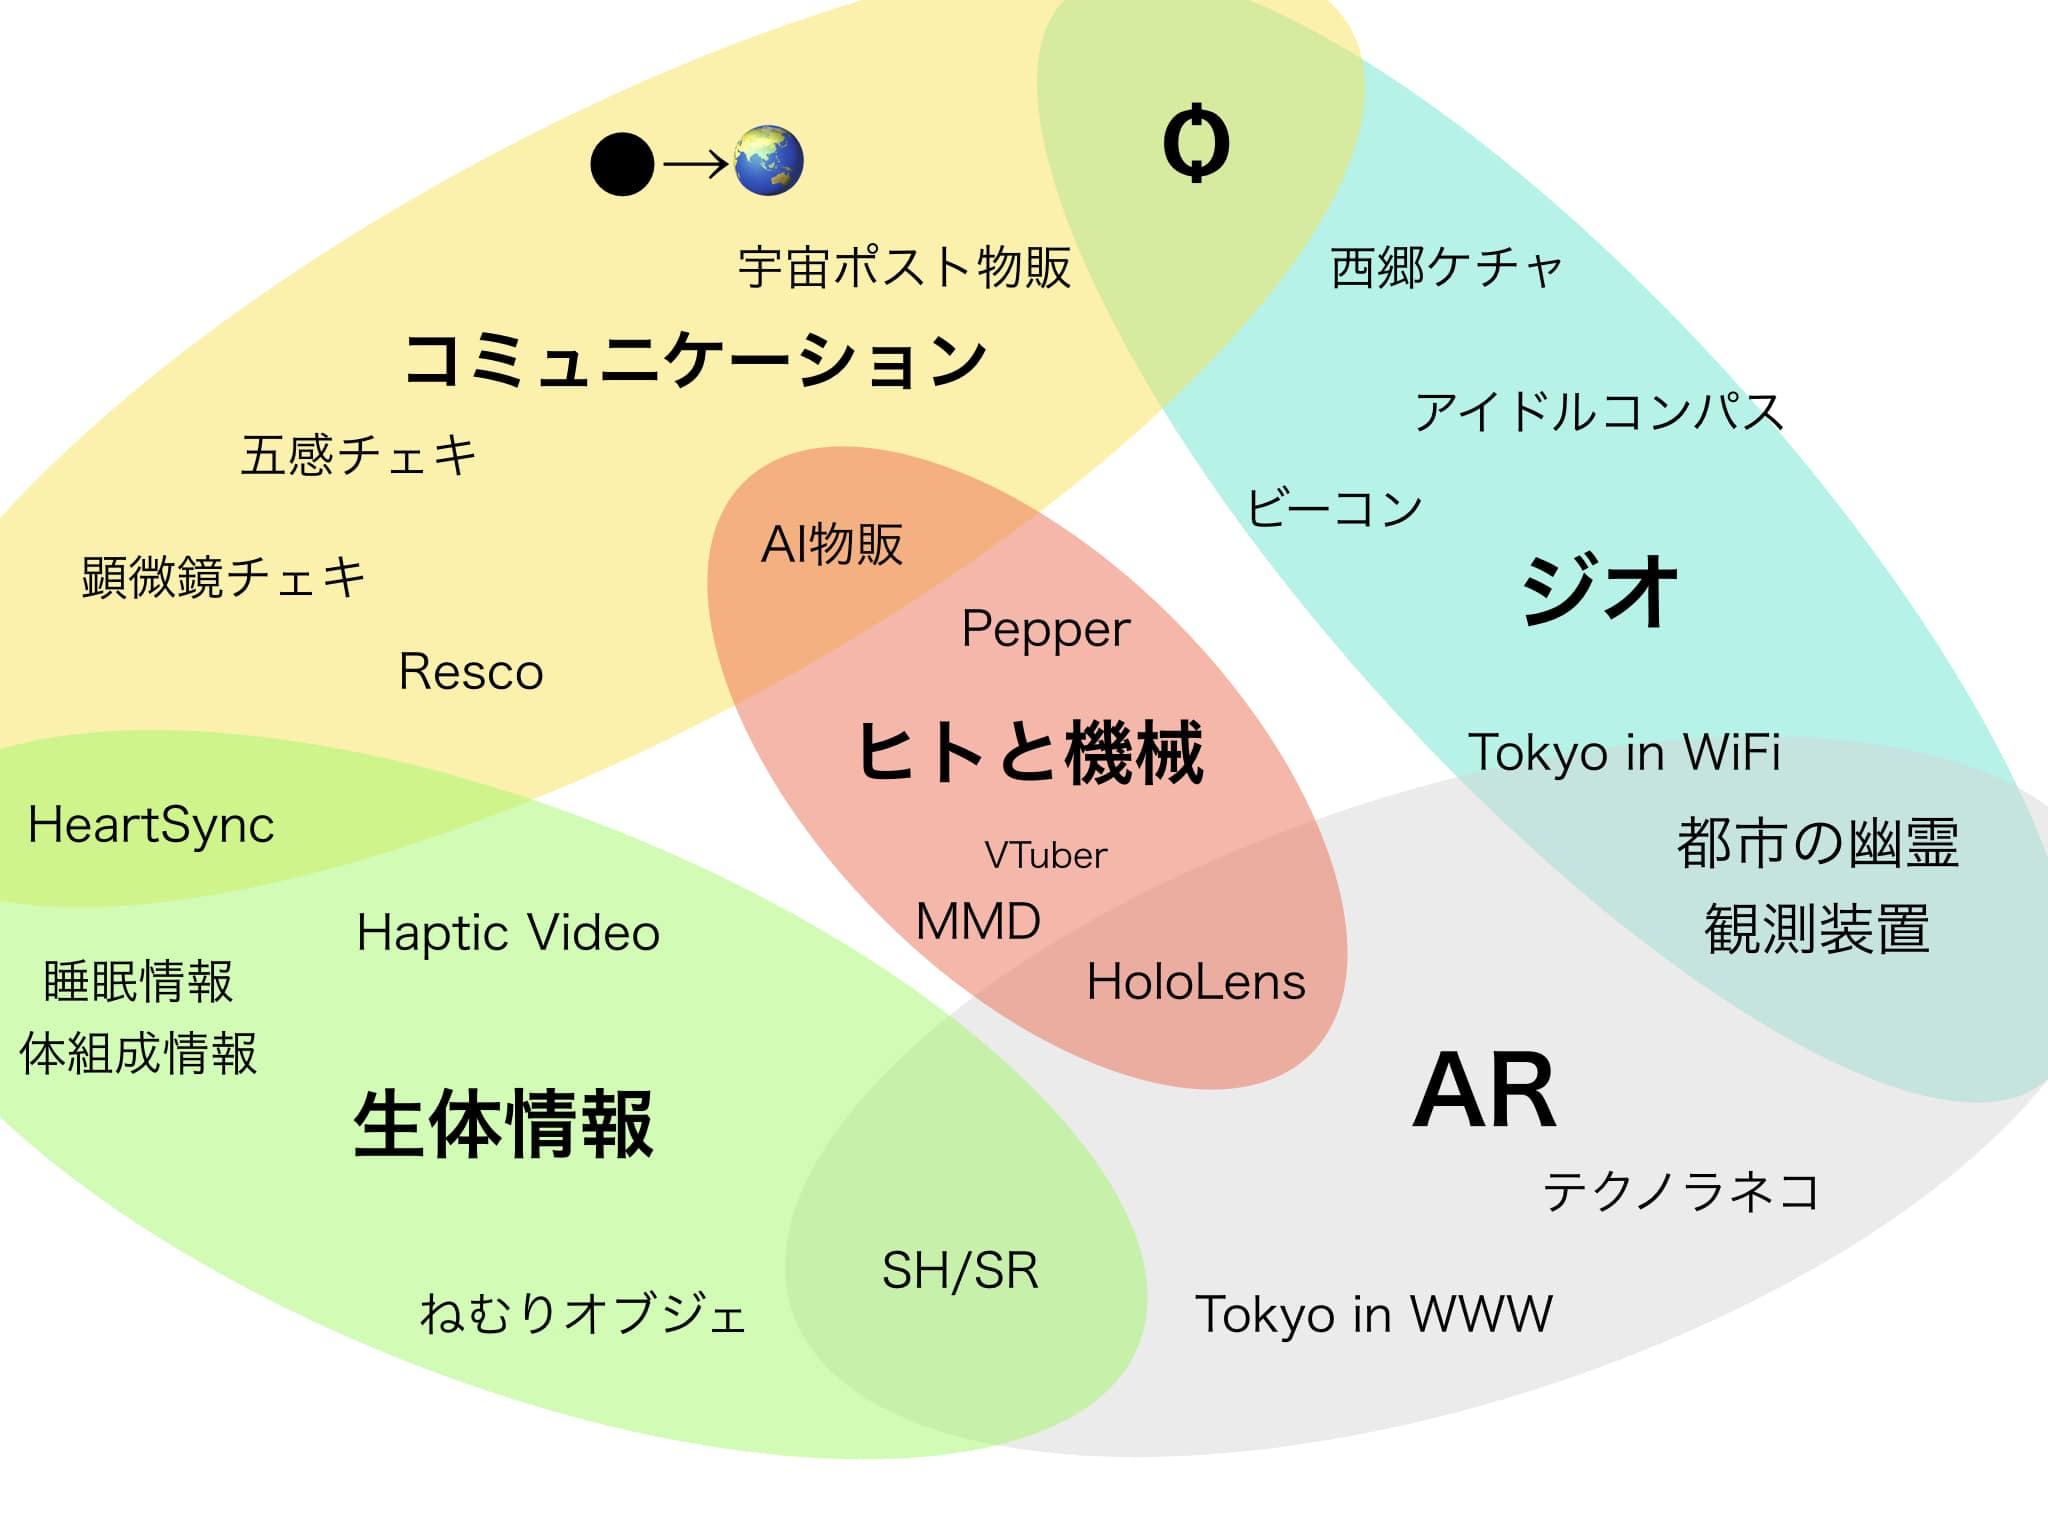 テクノロジーマップ